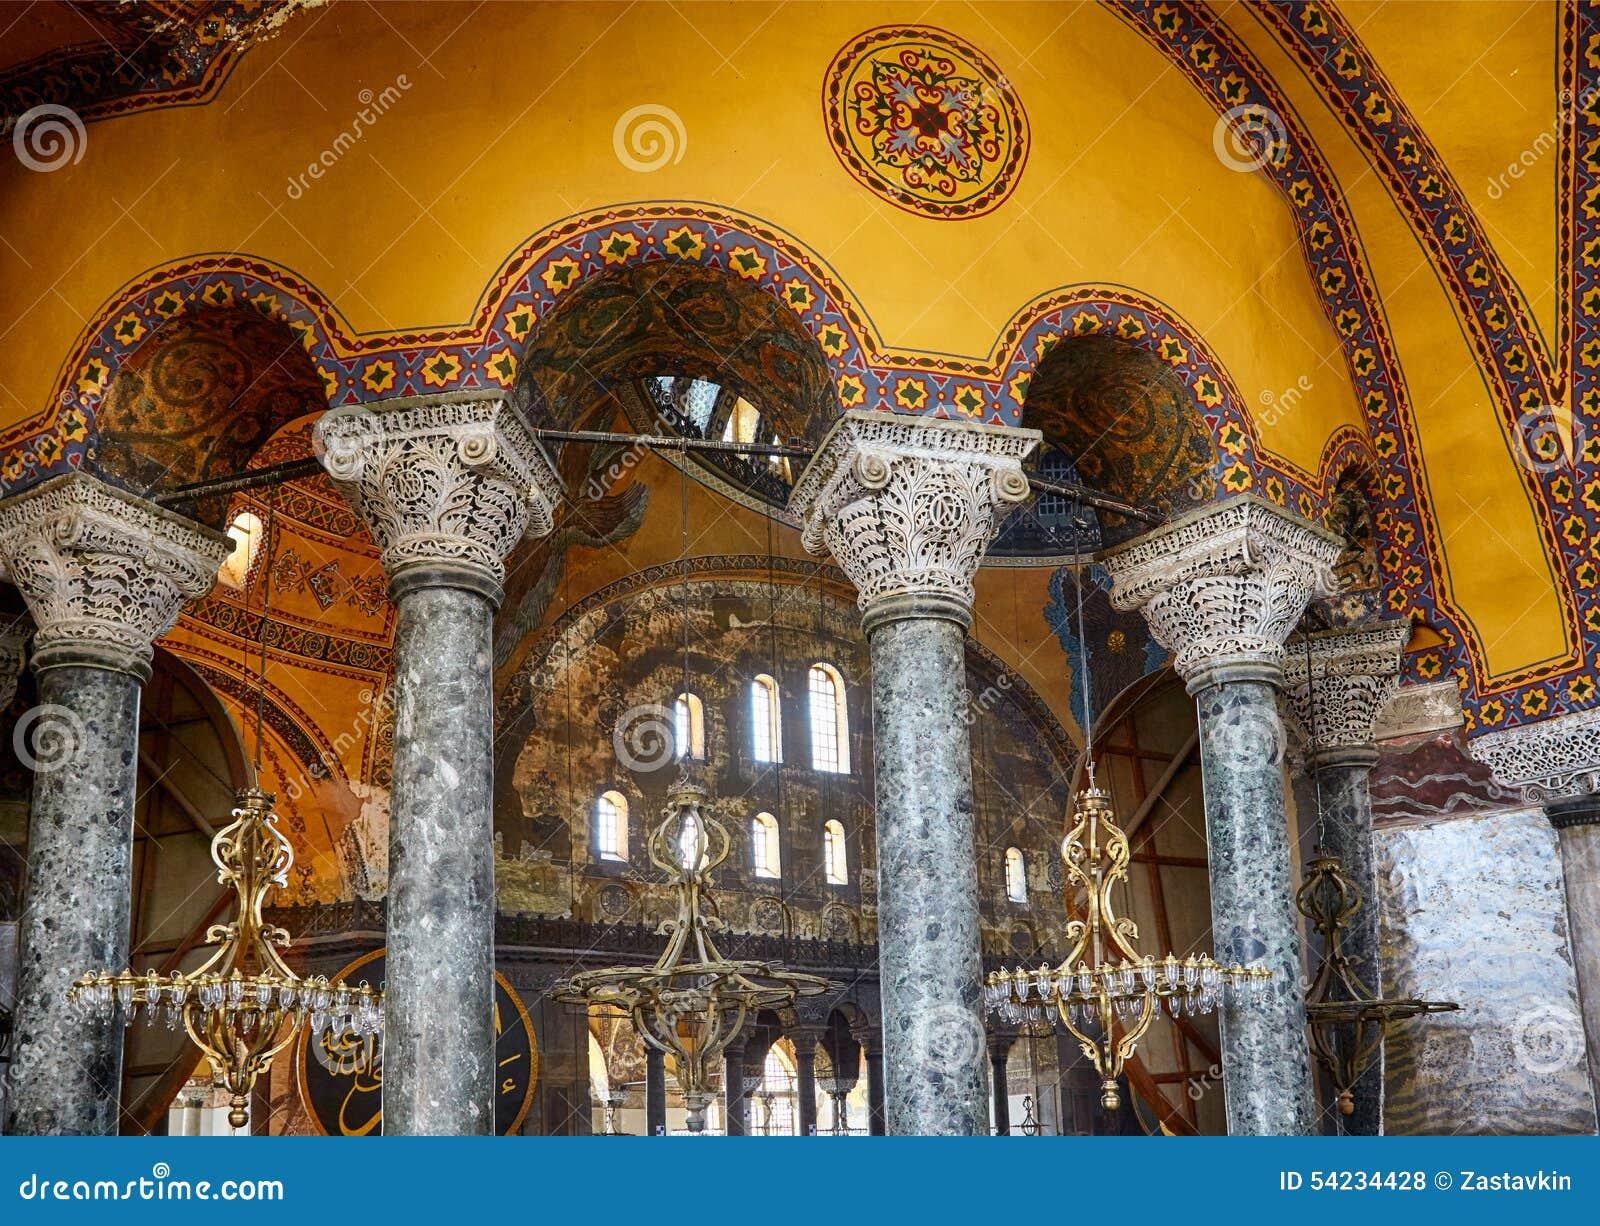 Columns » Hagia Sophia   Hagia Sophia Interior Columns